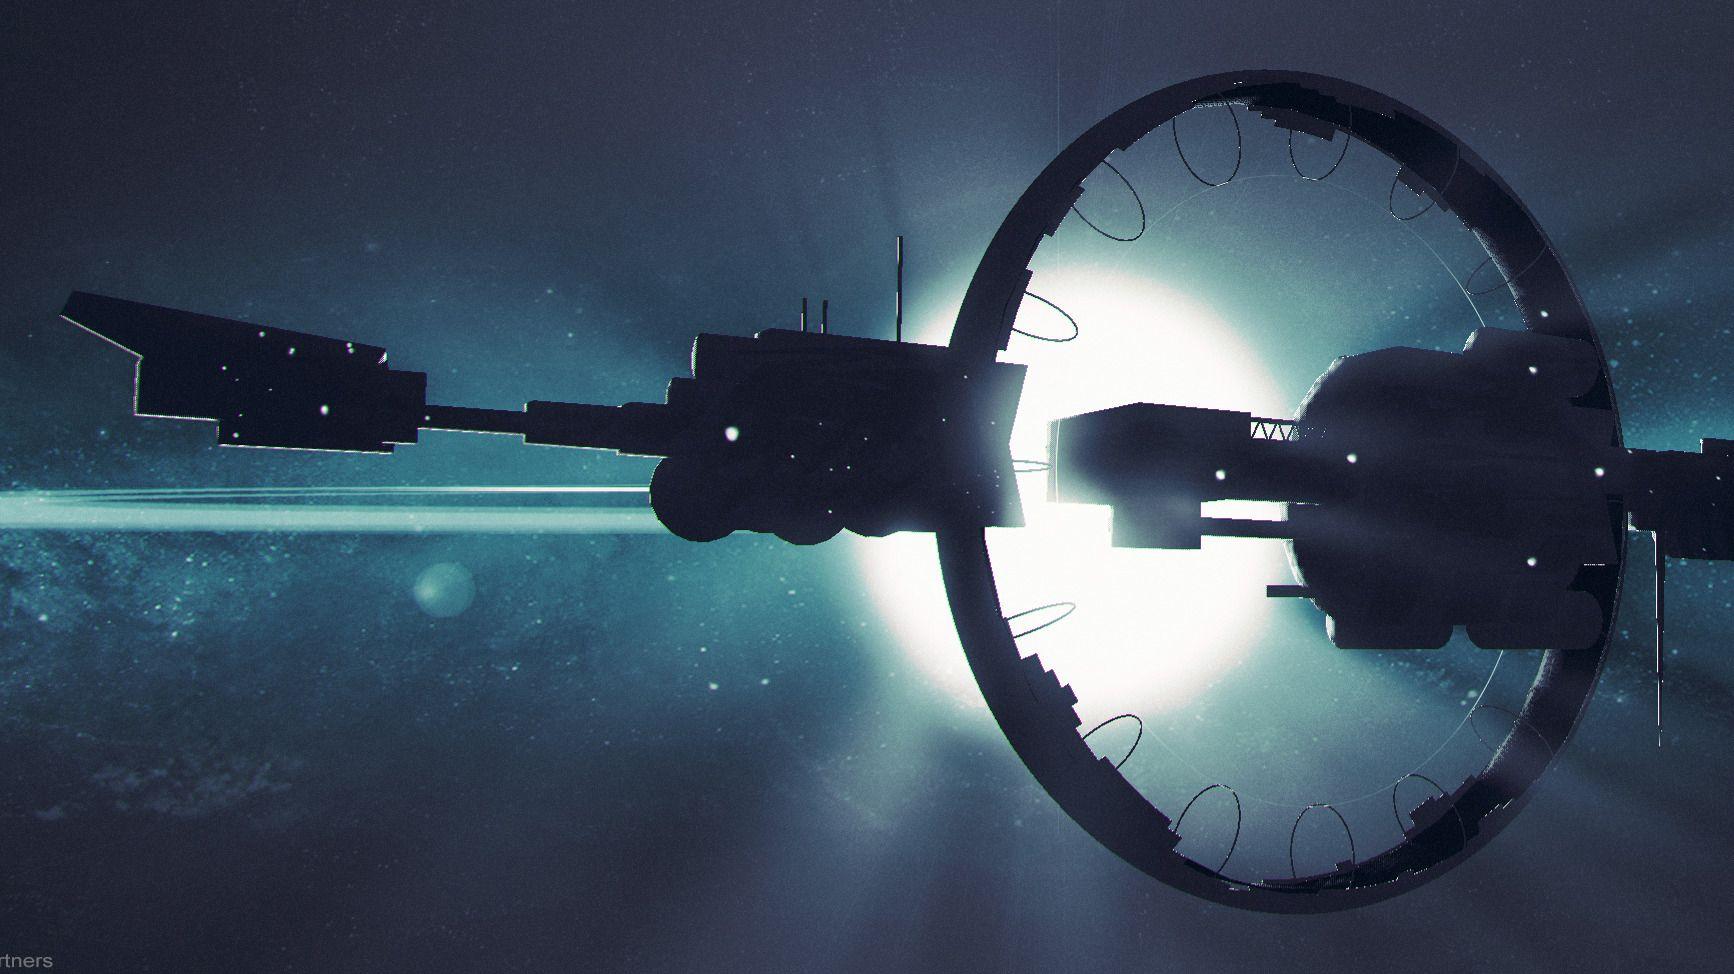 KJØPTE ROMSKIP: Dette romskipet ble kjøpt av en spiller for rundt 11.700 dollar, tilsvarende 94.212 kroner. Romskipet kan brukes i spillet Parsec Frontiers som er under utvikling av det norske selskapet Artplant.